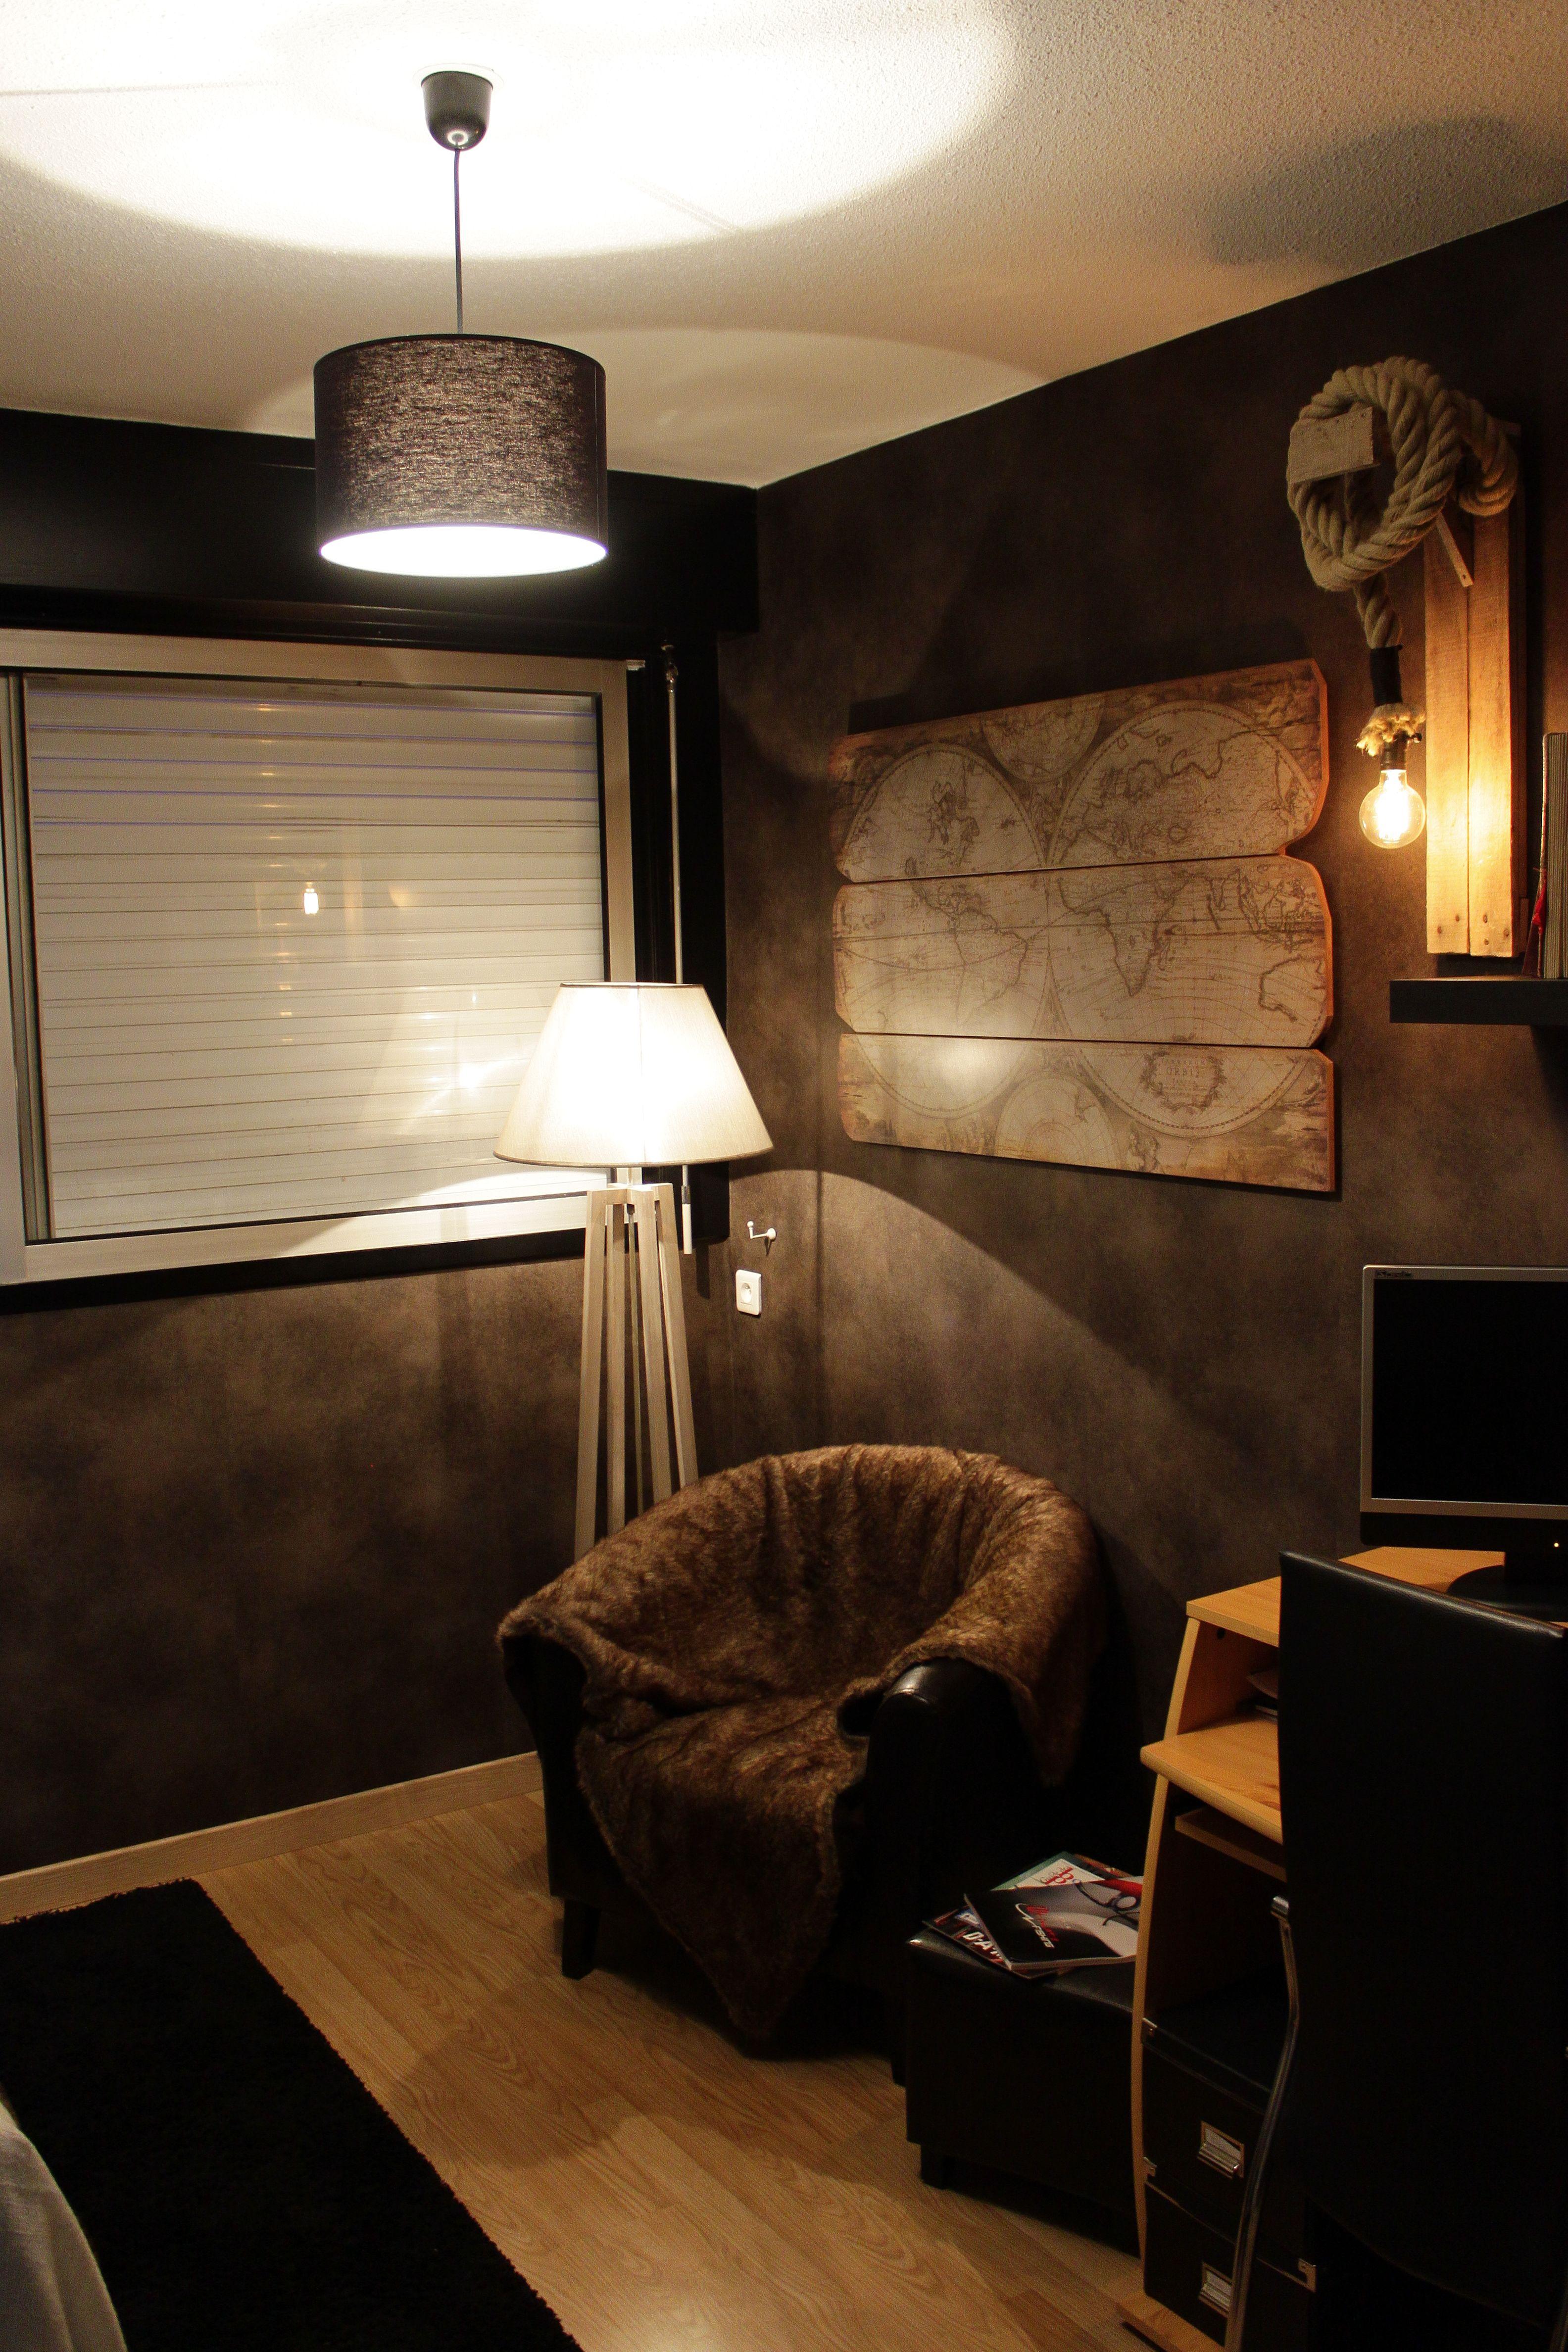 décoration bureau - chambre d'amis dans les tons marrons avec esprit